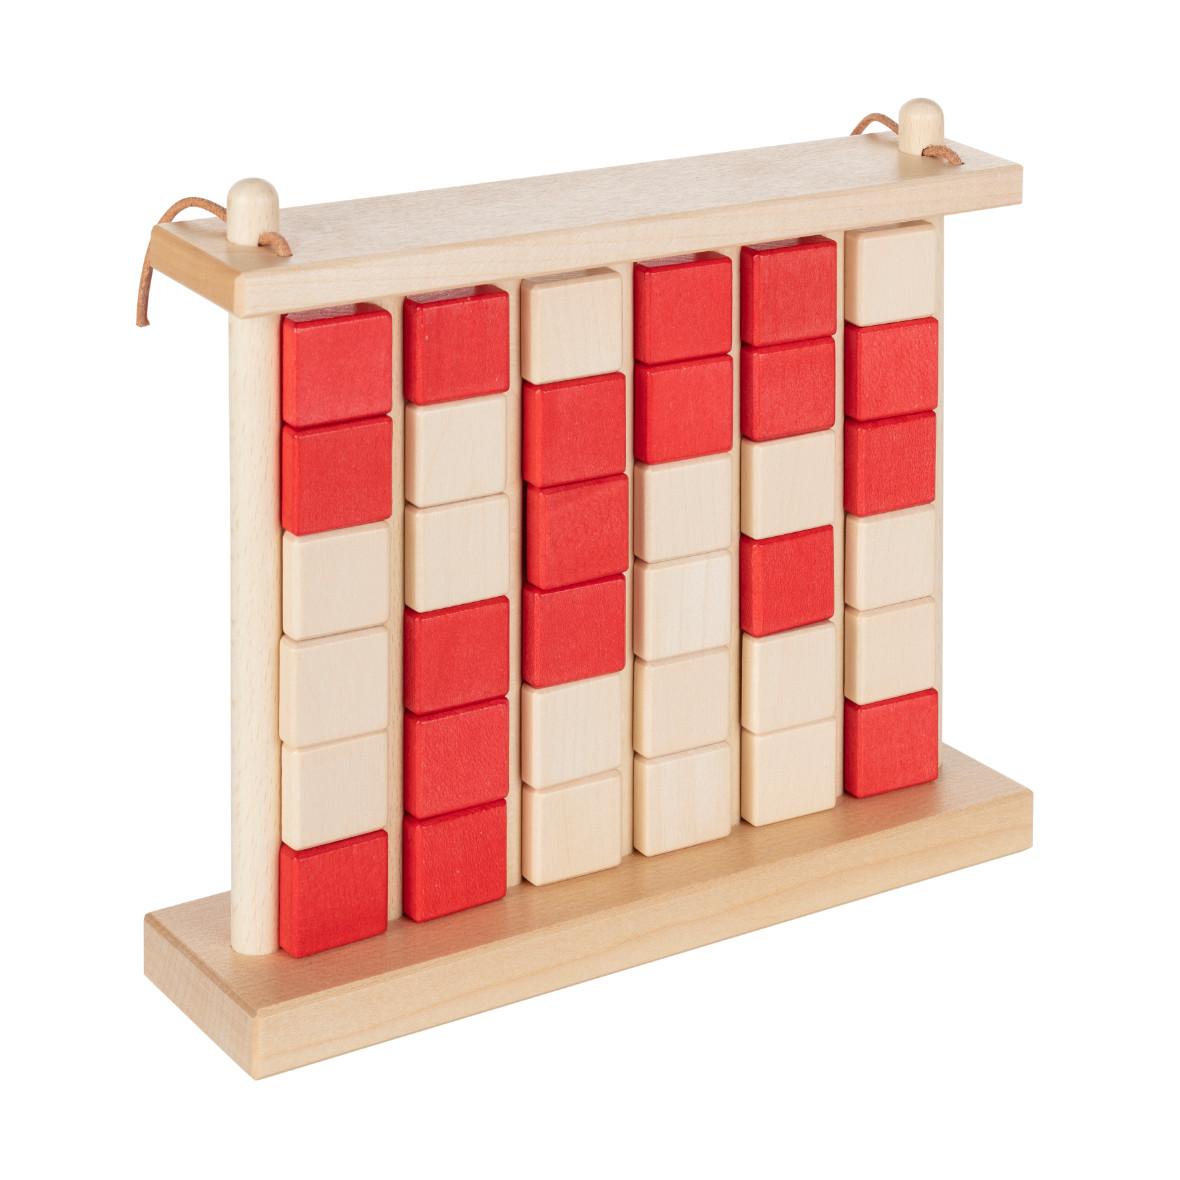 Vier-Gewinnt aus Holz von Ahorn Holz und Spiel, rot und verschlossen